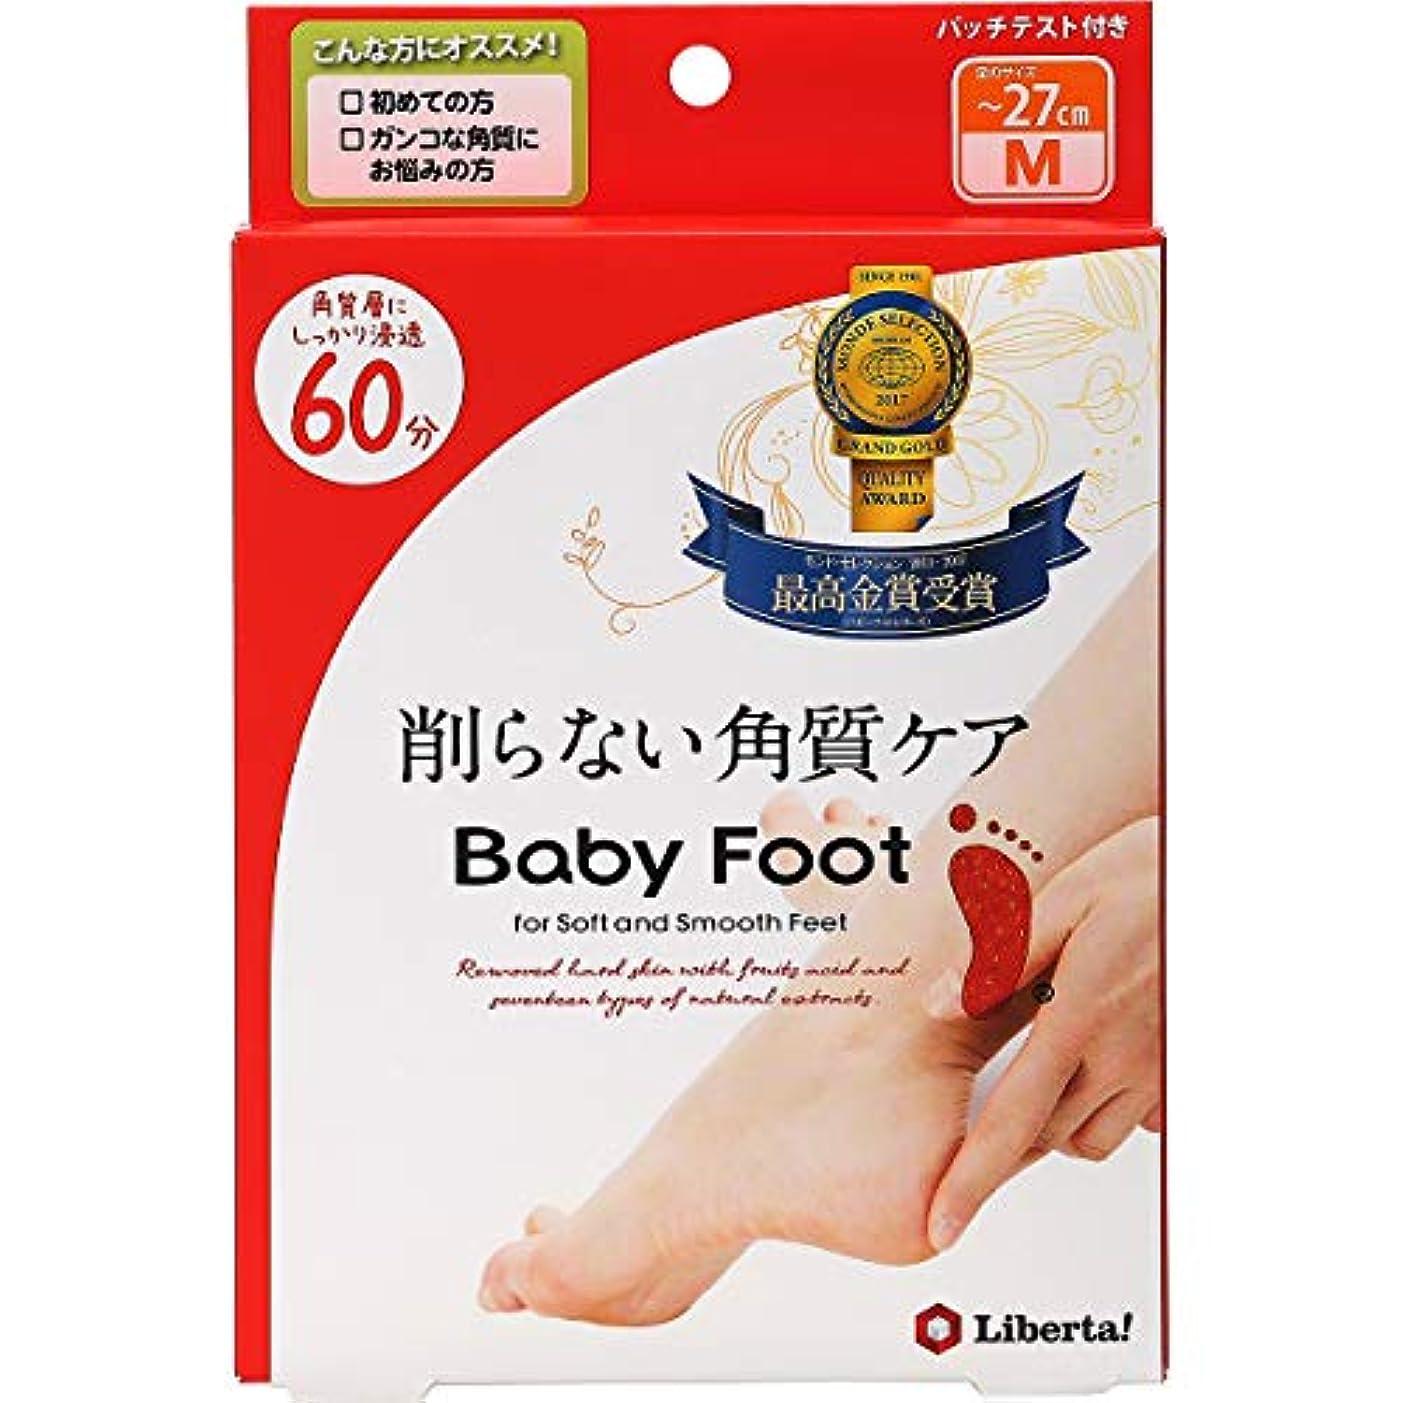 電信乱れ仕えるベビーフット (Baby Foot) ベビーフット イージーパック SPT60分タイプ Mサイズ 単品